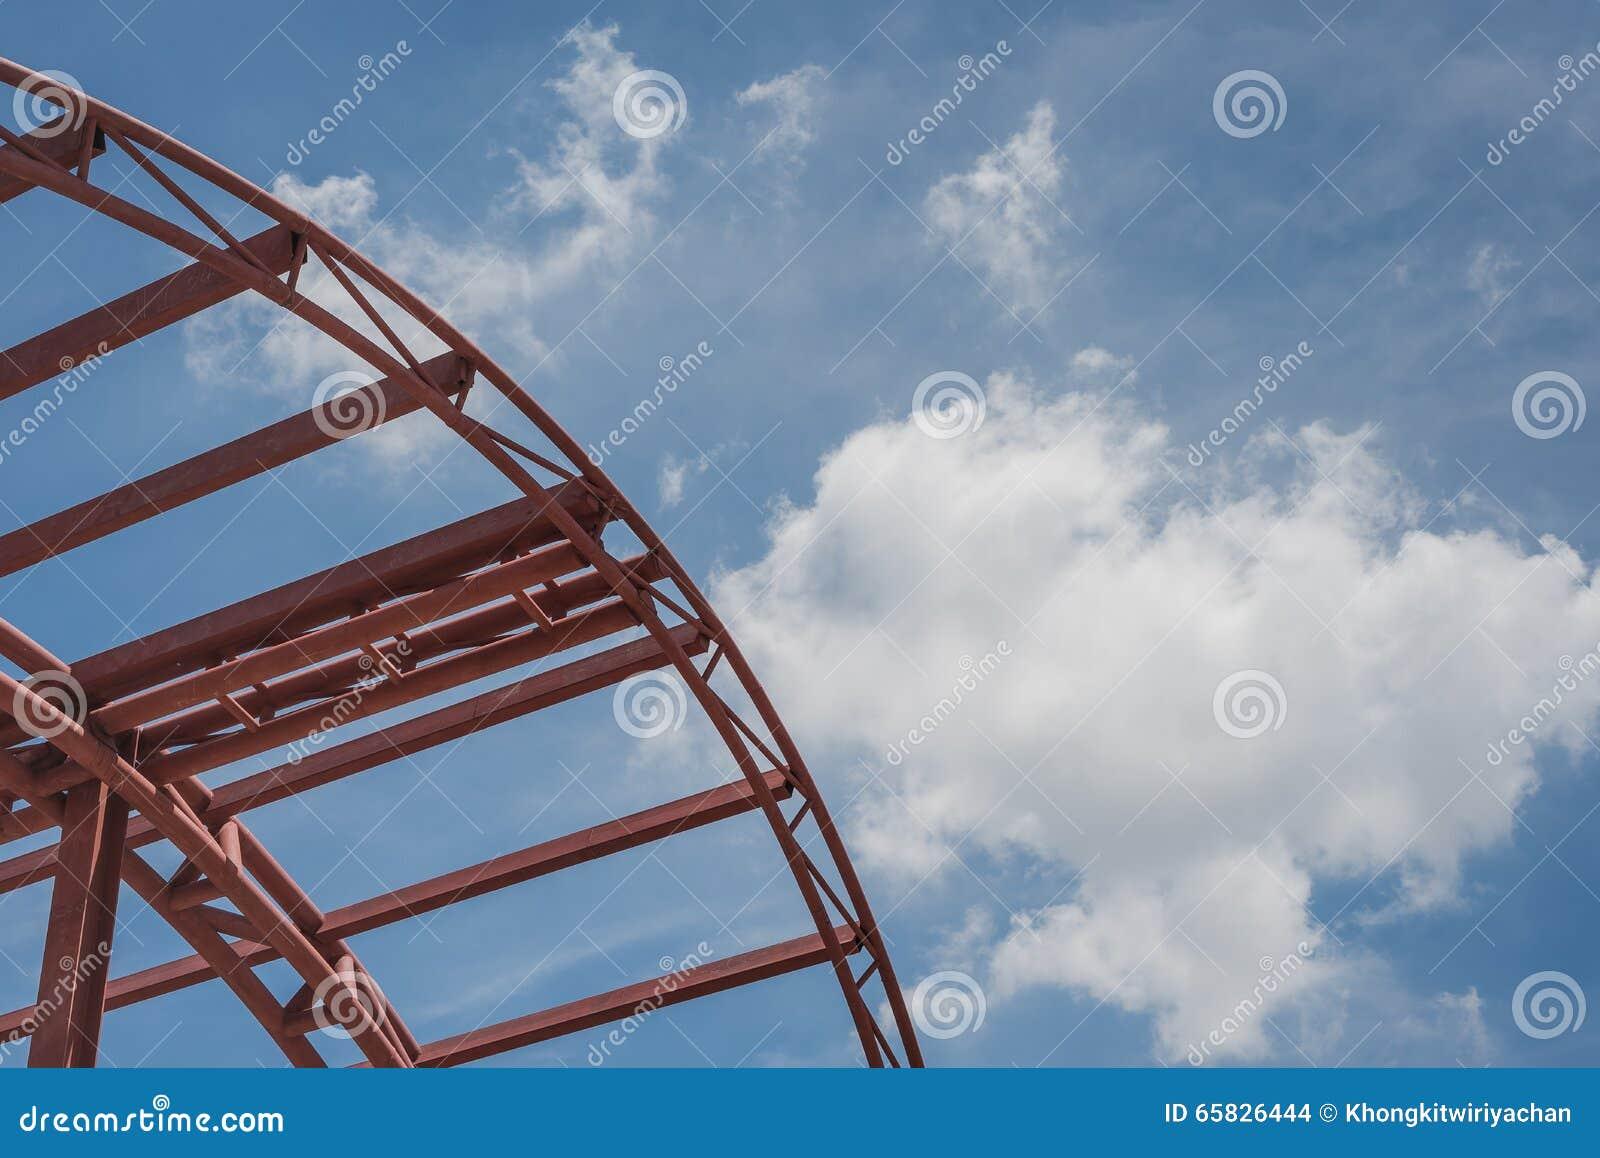 Modernes Gebäude Mit Stahlrahmenkonstruktion Stockfoto - Bild von ...